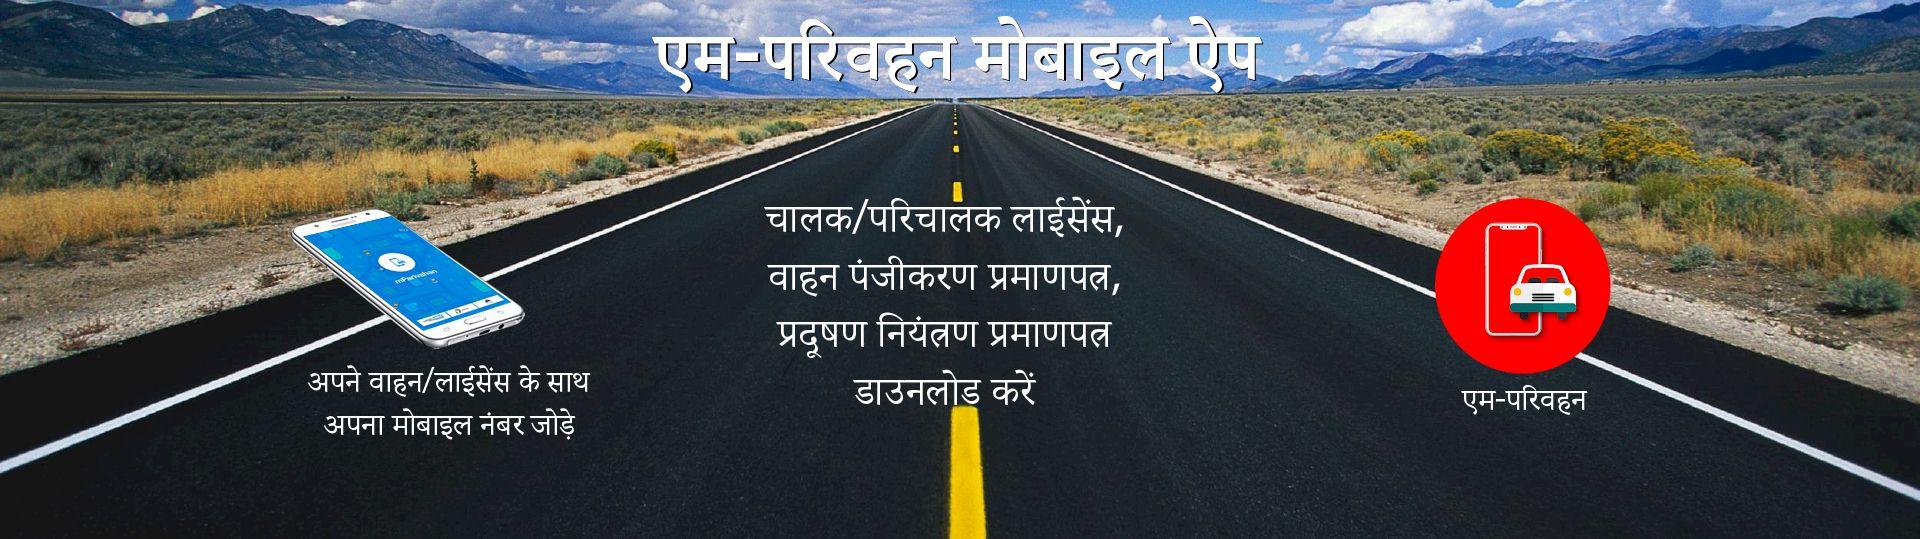 mpariavahanHindi1